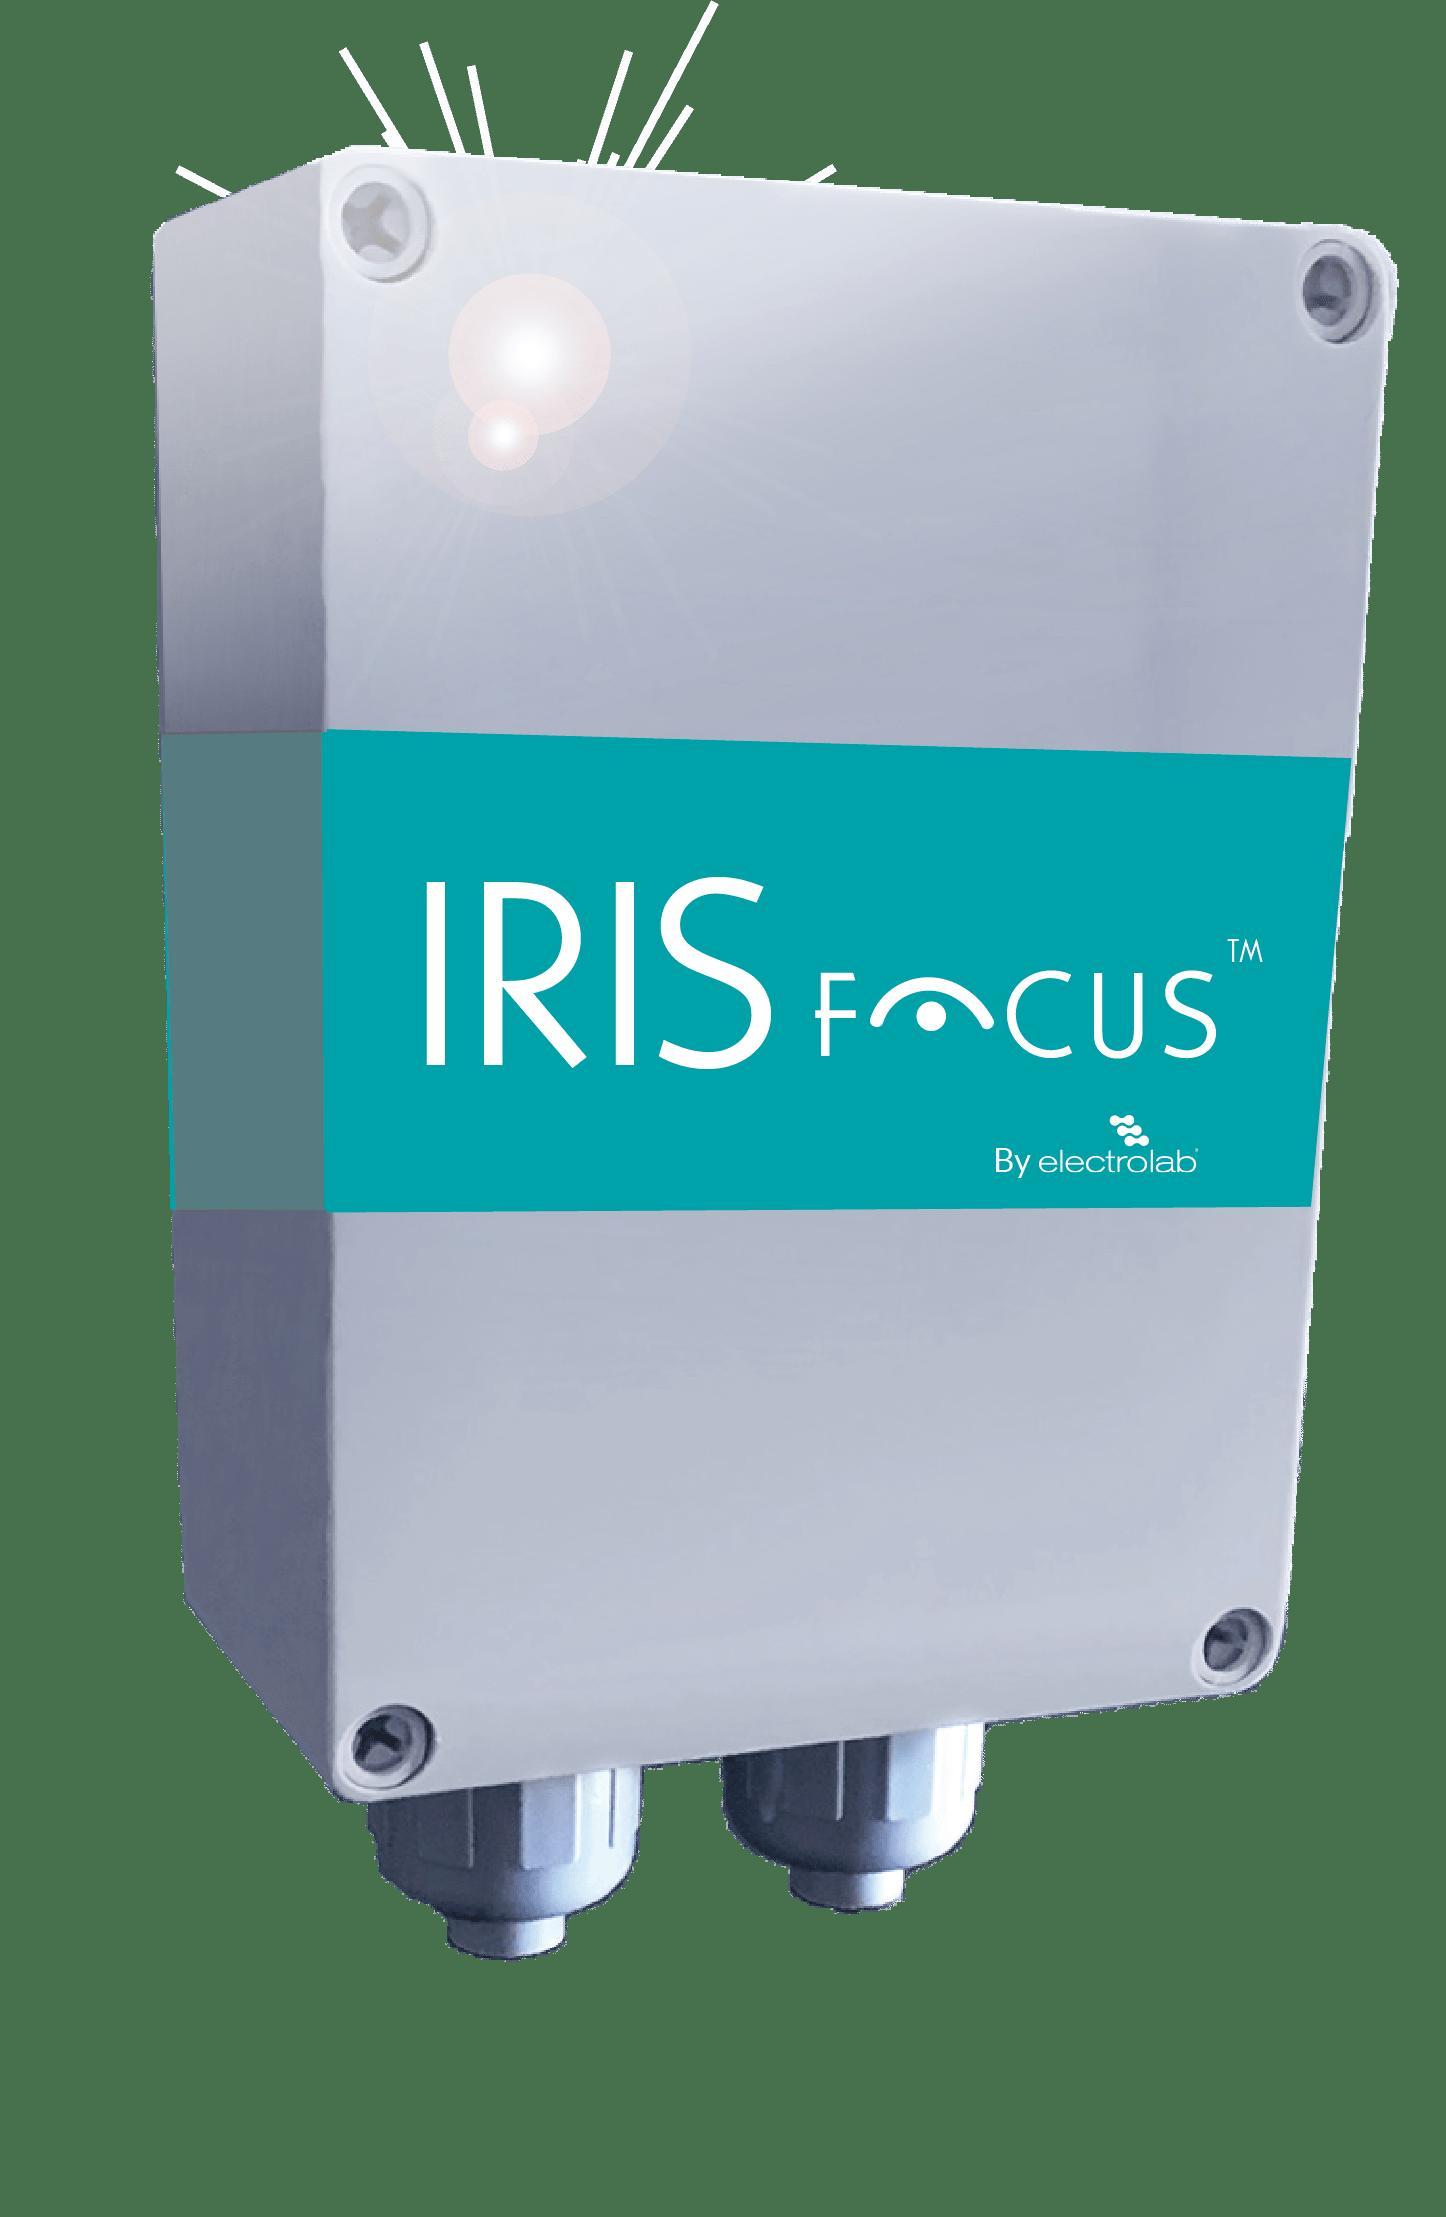 IRIS FOCUS